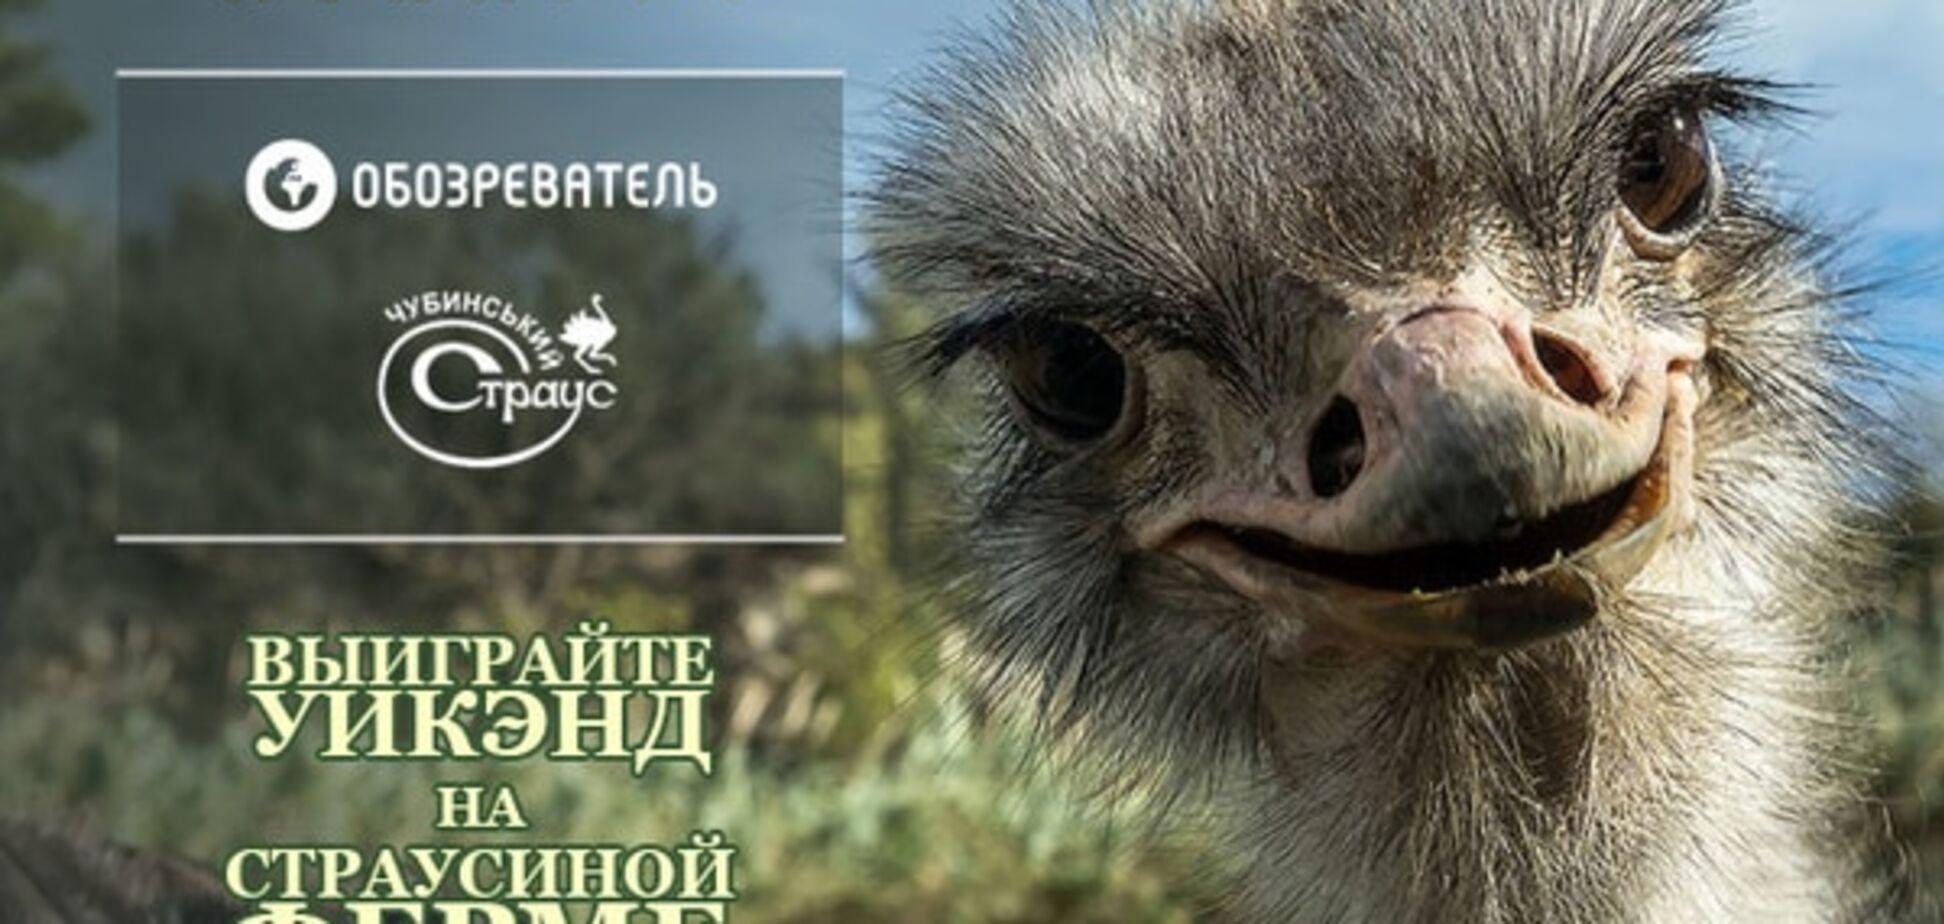 Успей посетить страусиную ферму - участвуй в конкурсе!